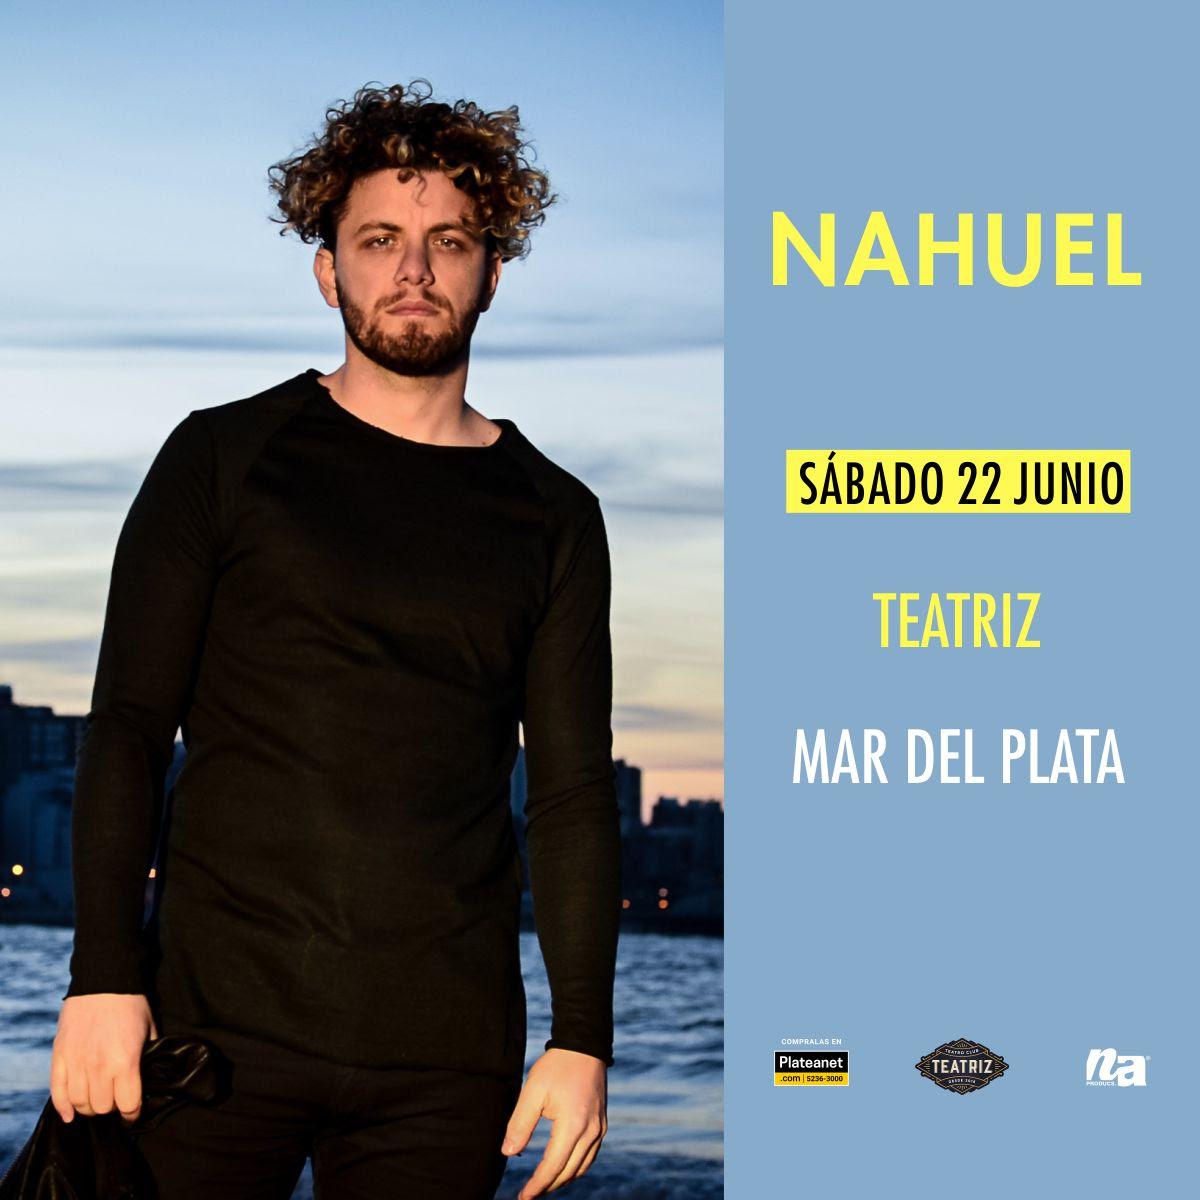 El artista marplatense Nahuel se presenta el próximo 22 de junio en Teatriz